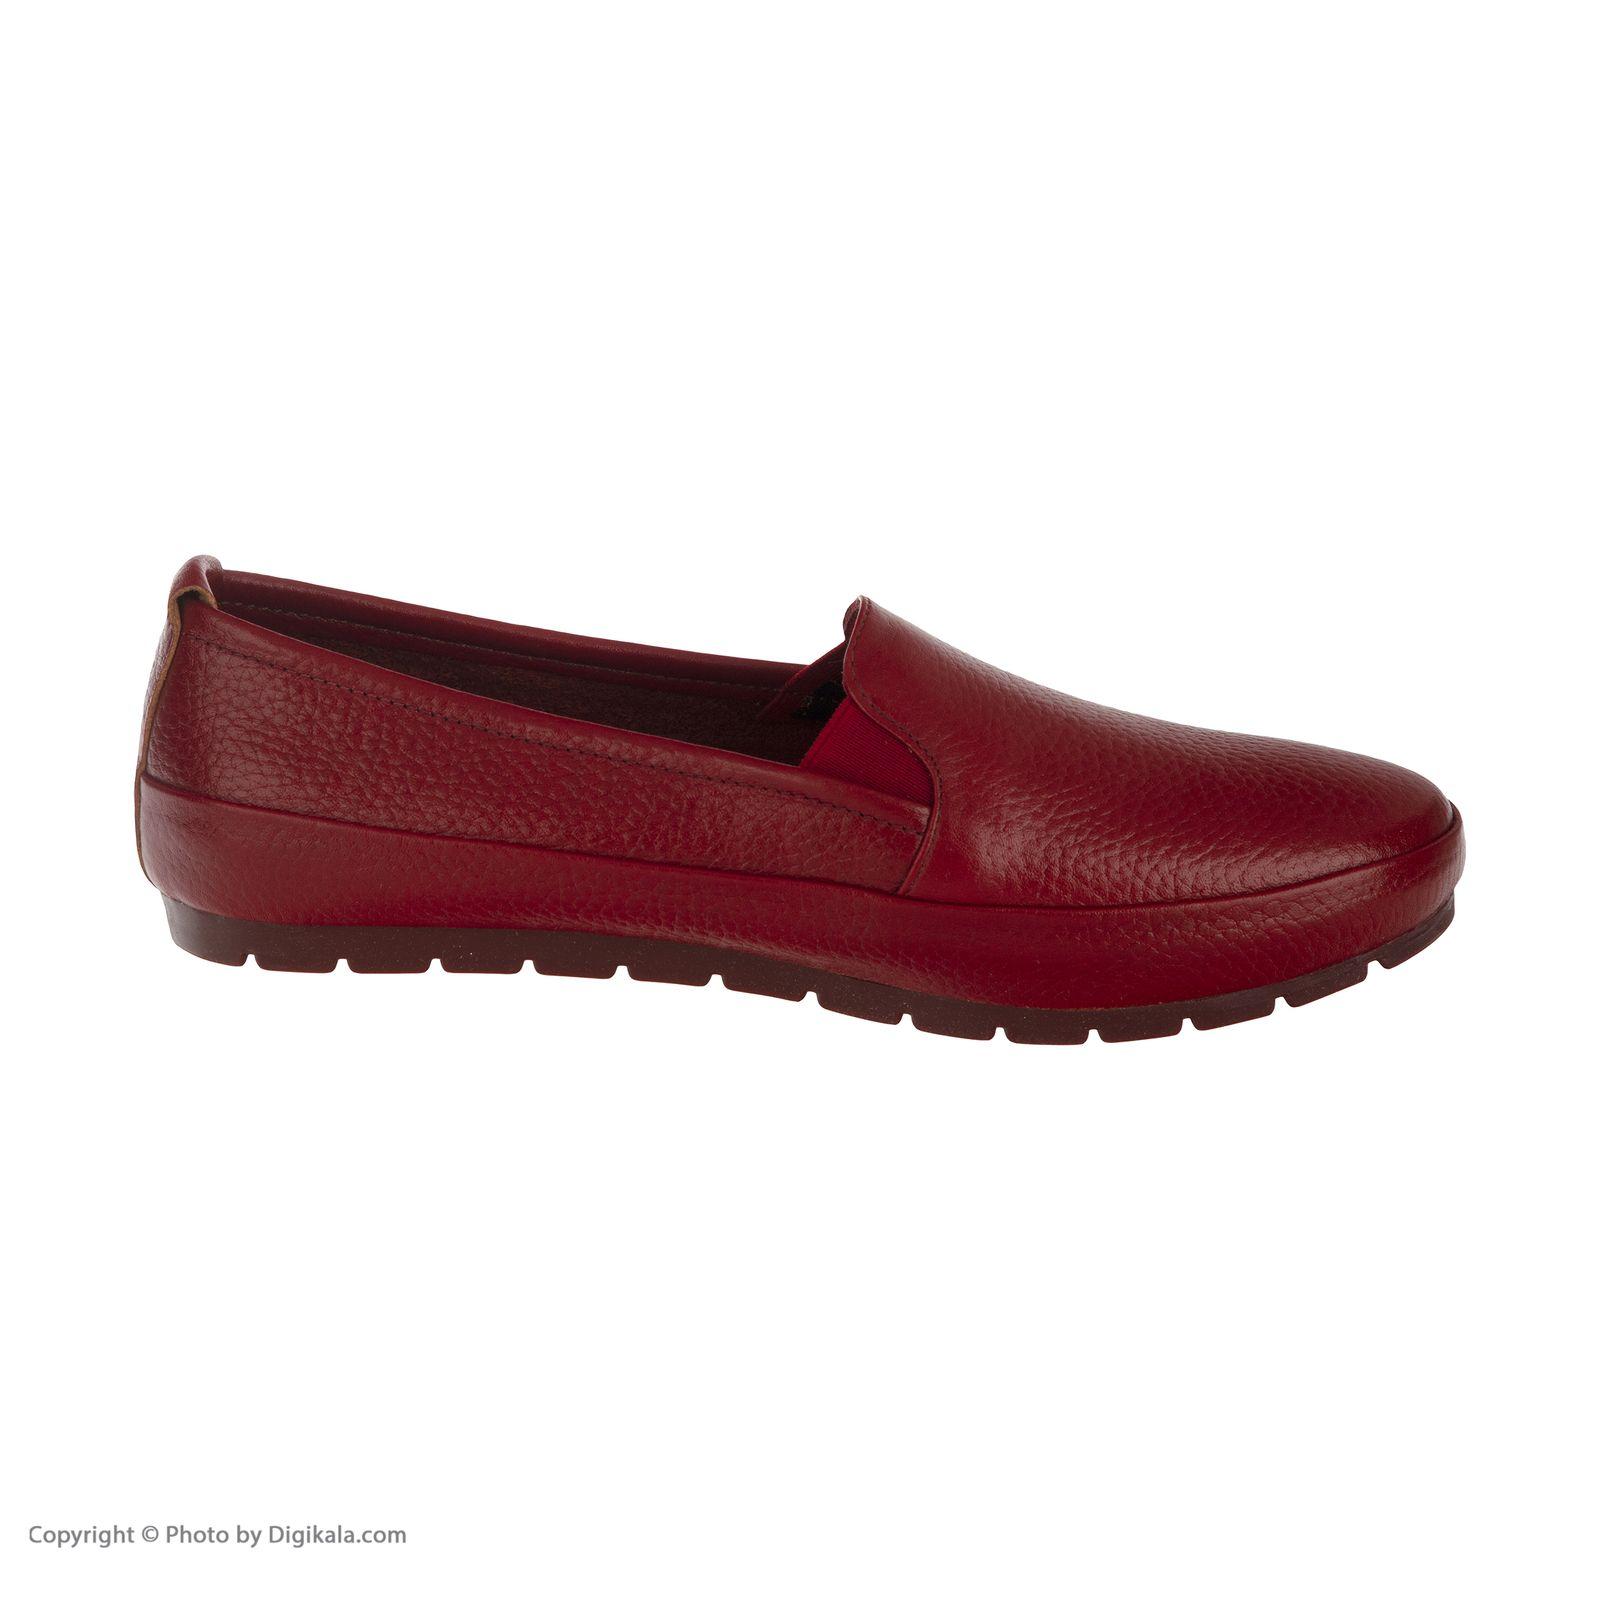 کفش روزمره زنانه بلوط مدل 5313A500102 -  - 7